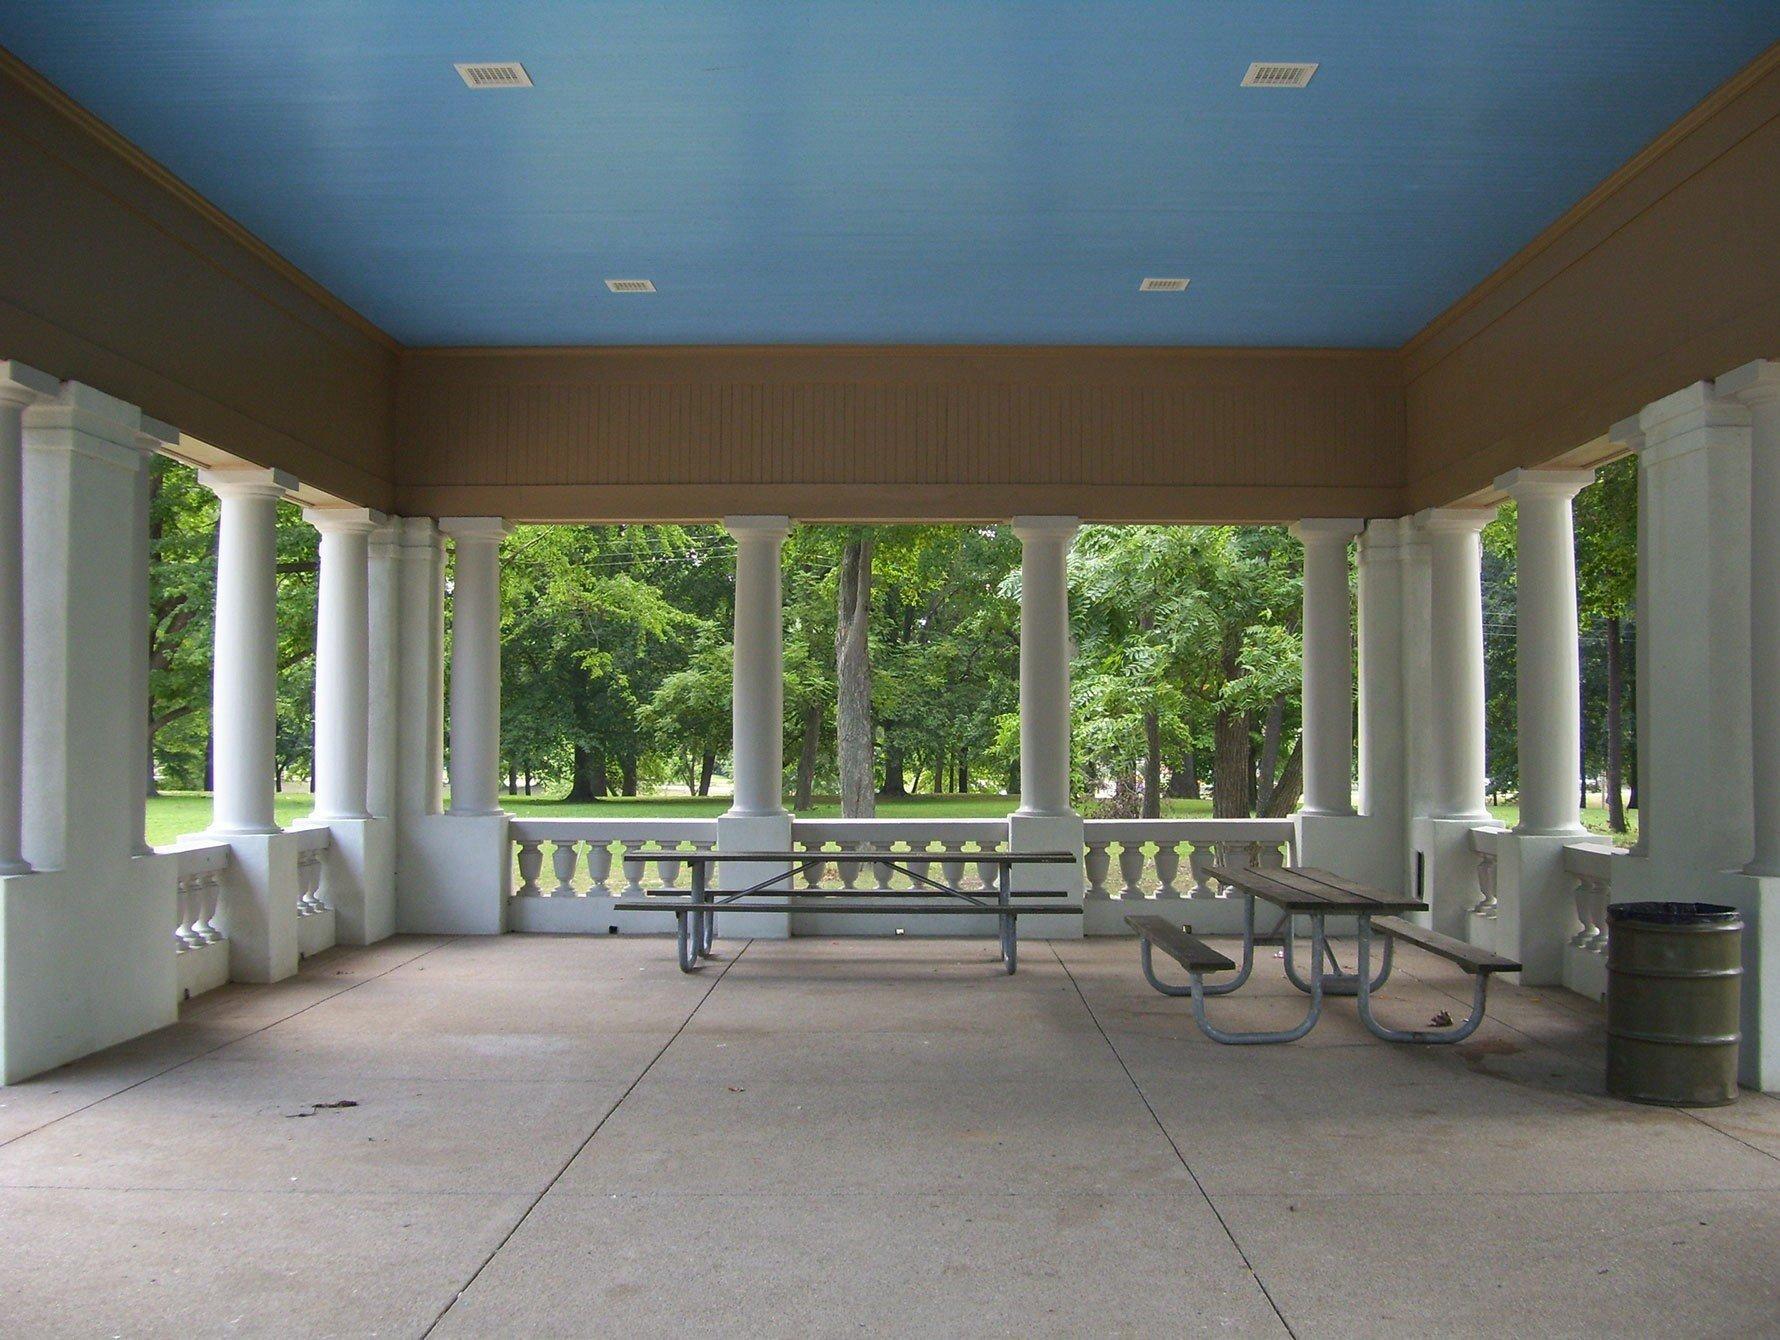 shawnee-park-rest-shelter-interior